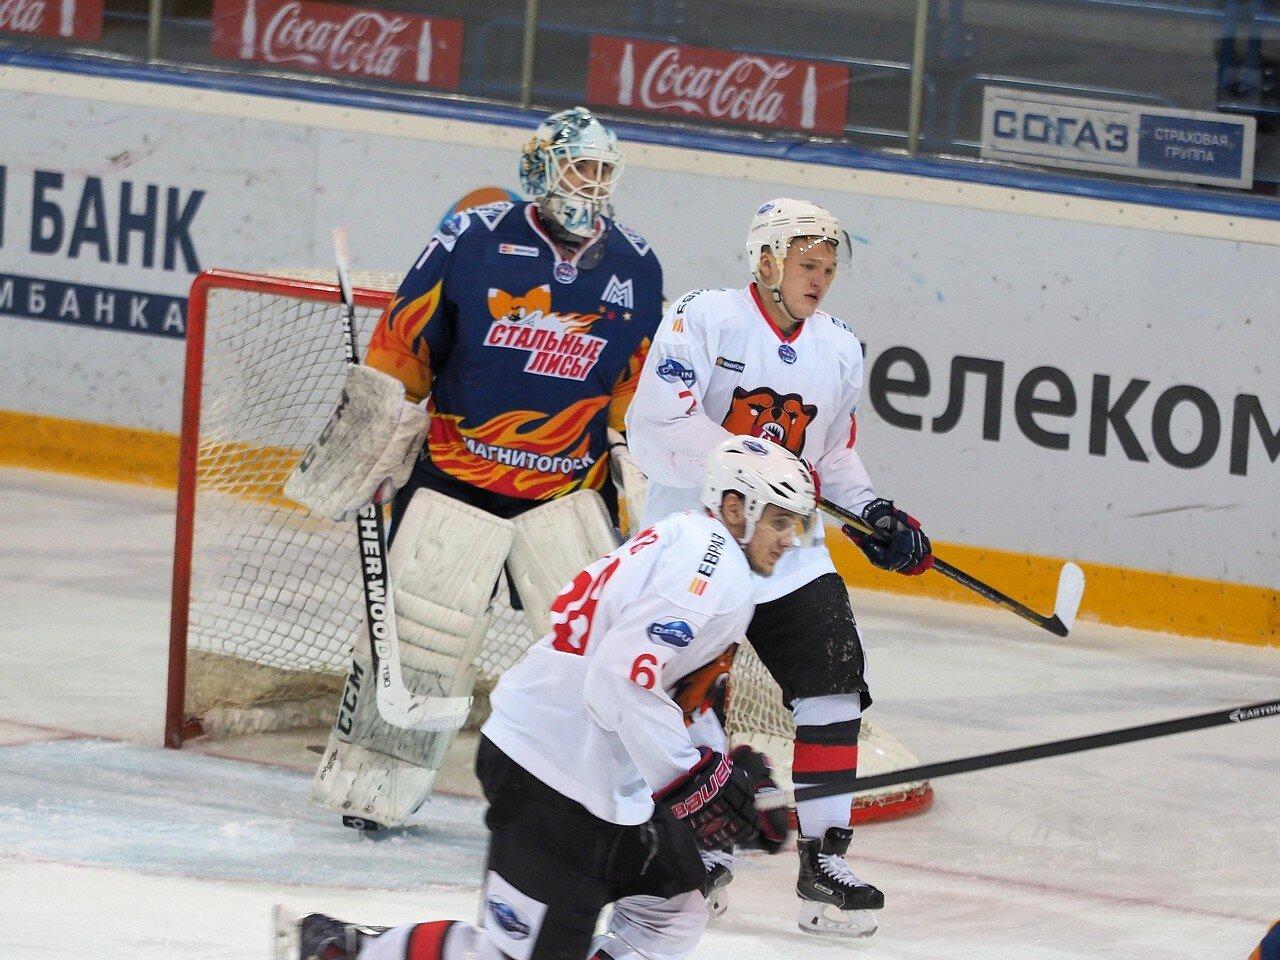 301/8 Плей-офф 2016 МХЛ Стальные Лисы - Кузнецкие Медведи 09.03.2016